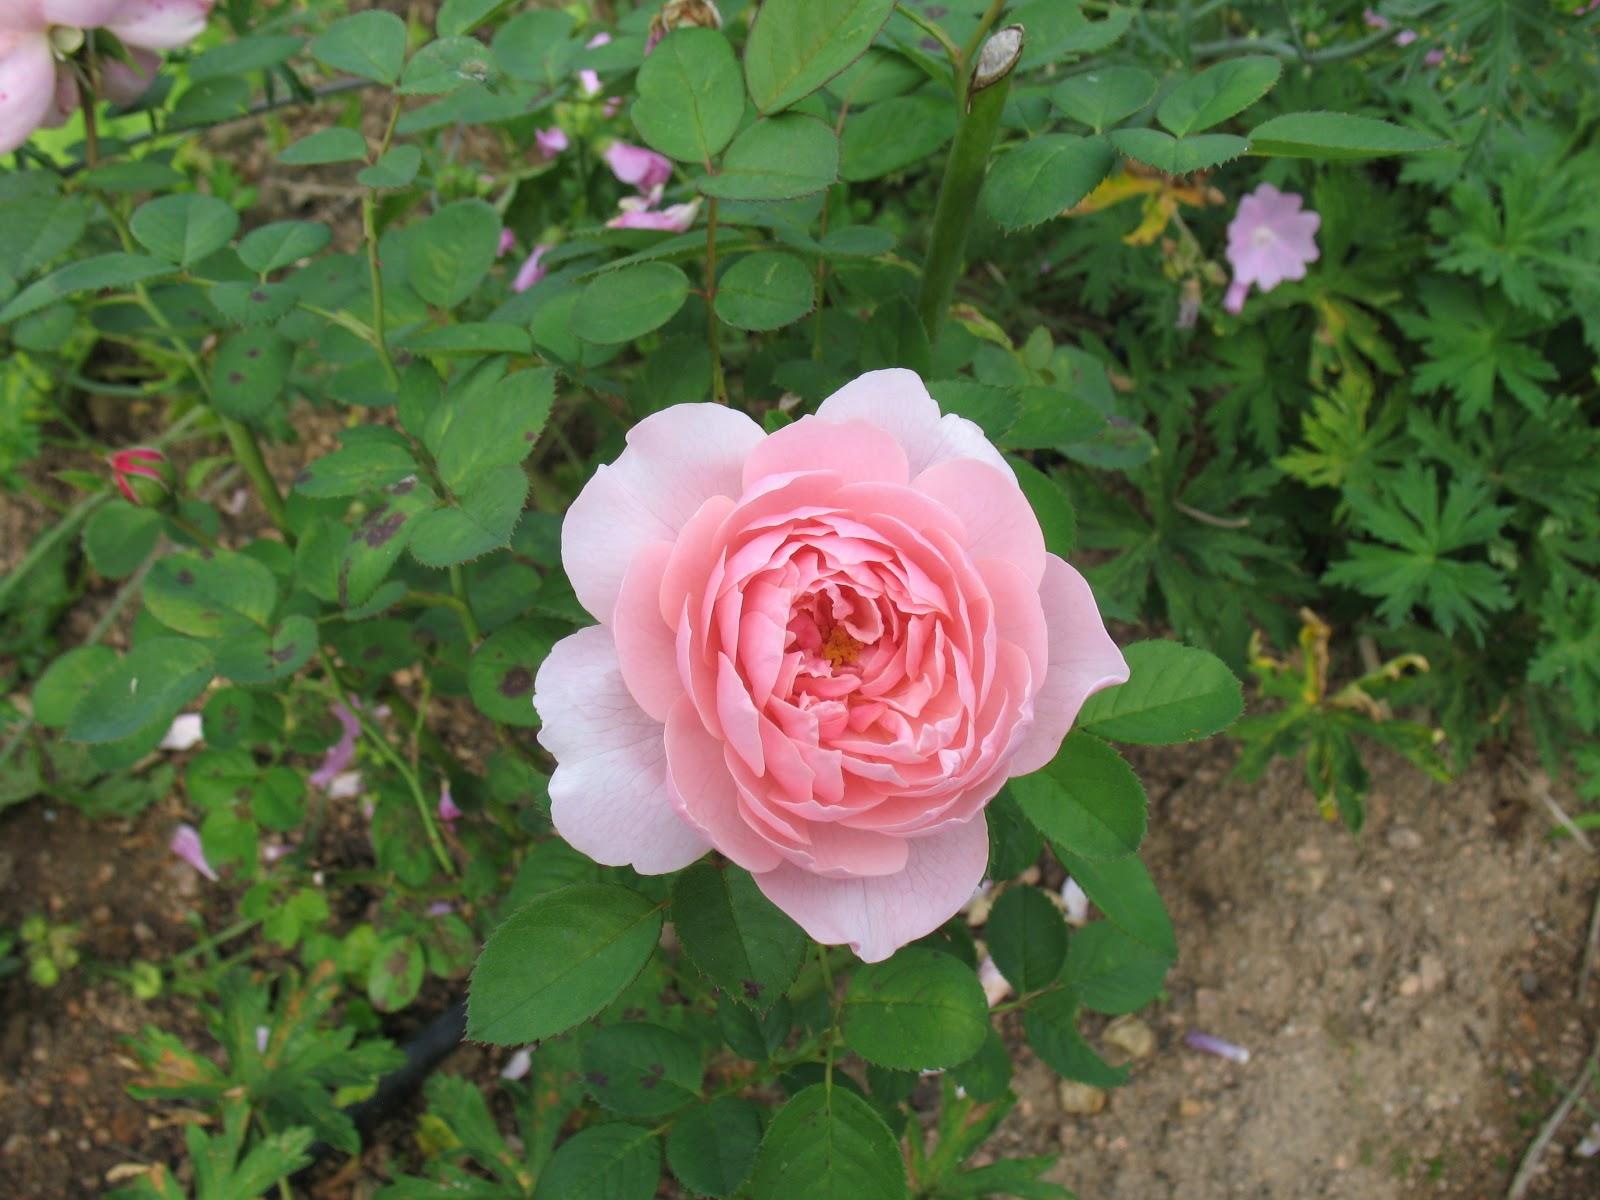 roses du jardin ch neland rosier the alnwick rose. Black Bedroom Furniture Sets. Home Design Ideas